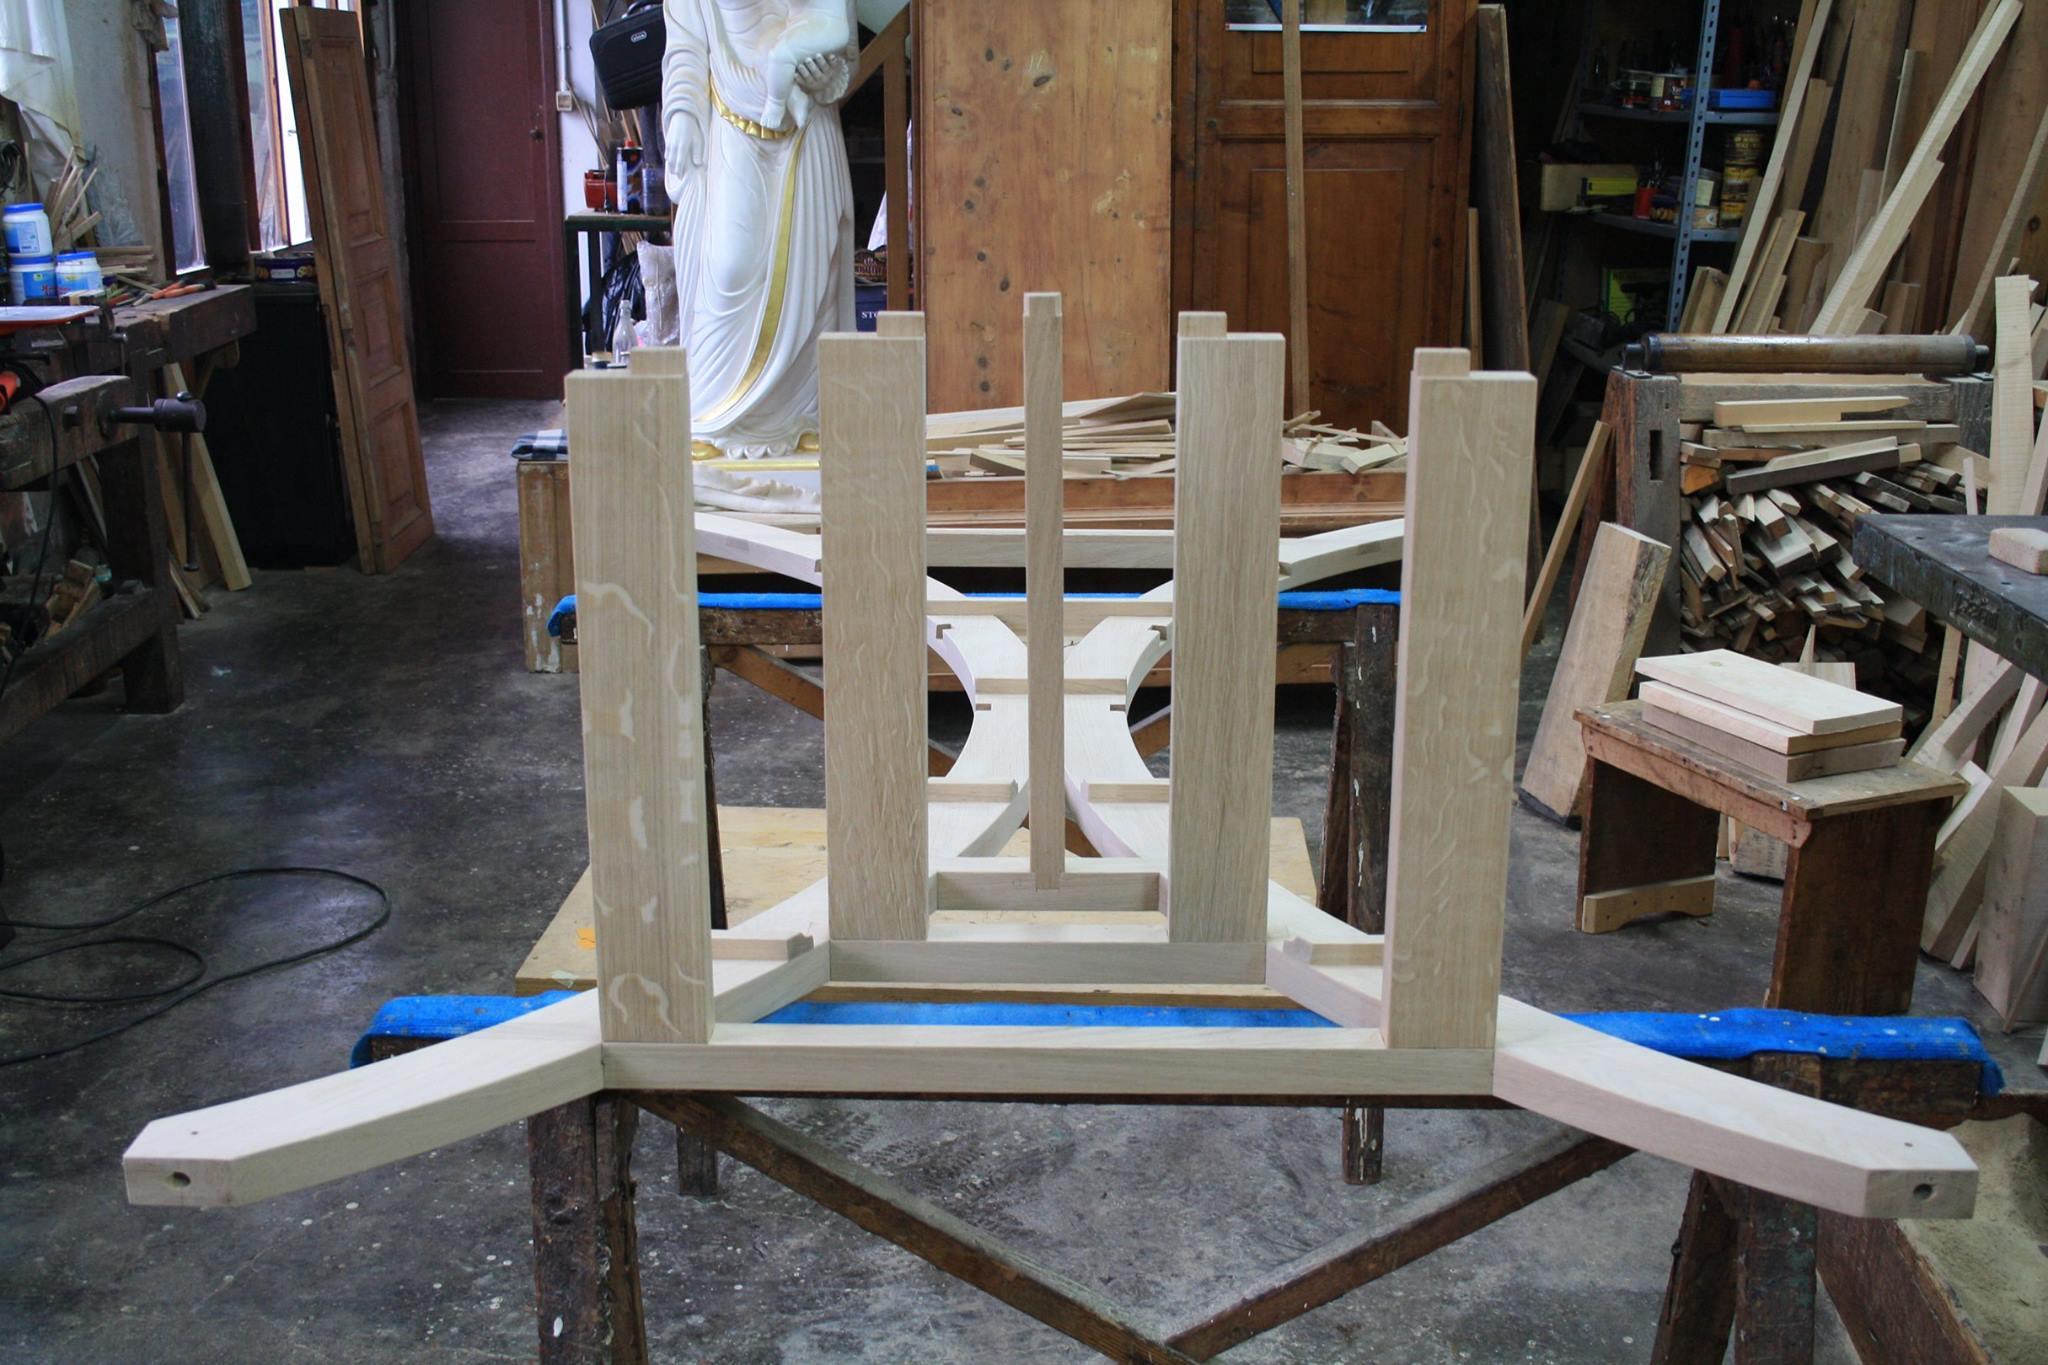 walter zuccarini laboratorio scultura arcobaleno 4 dalla forma dellAnima Arcobaleni modulo misura aurea